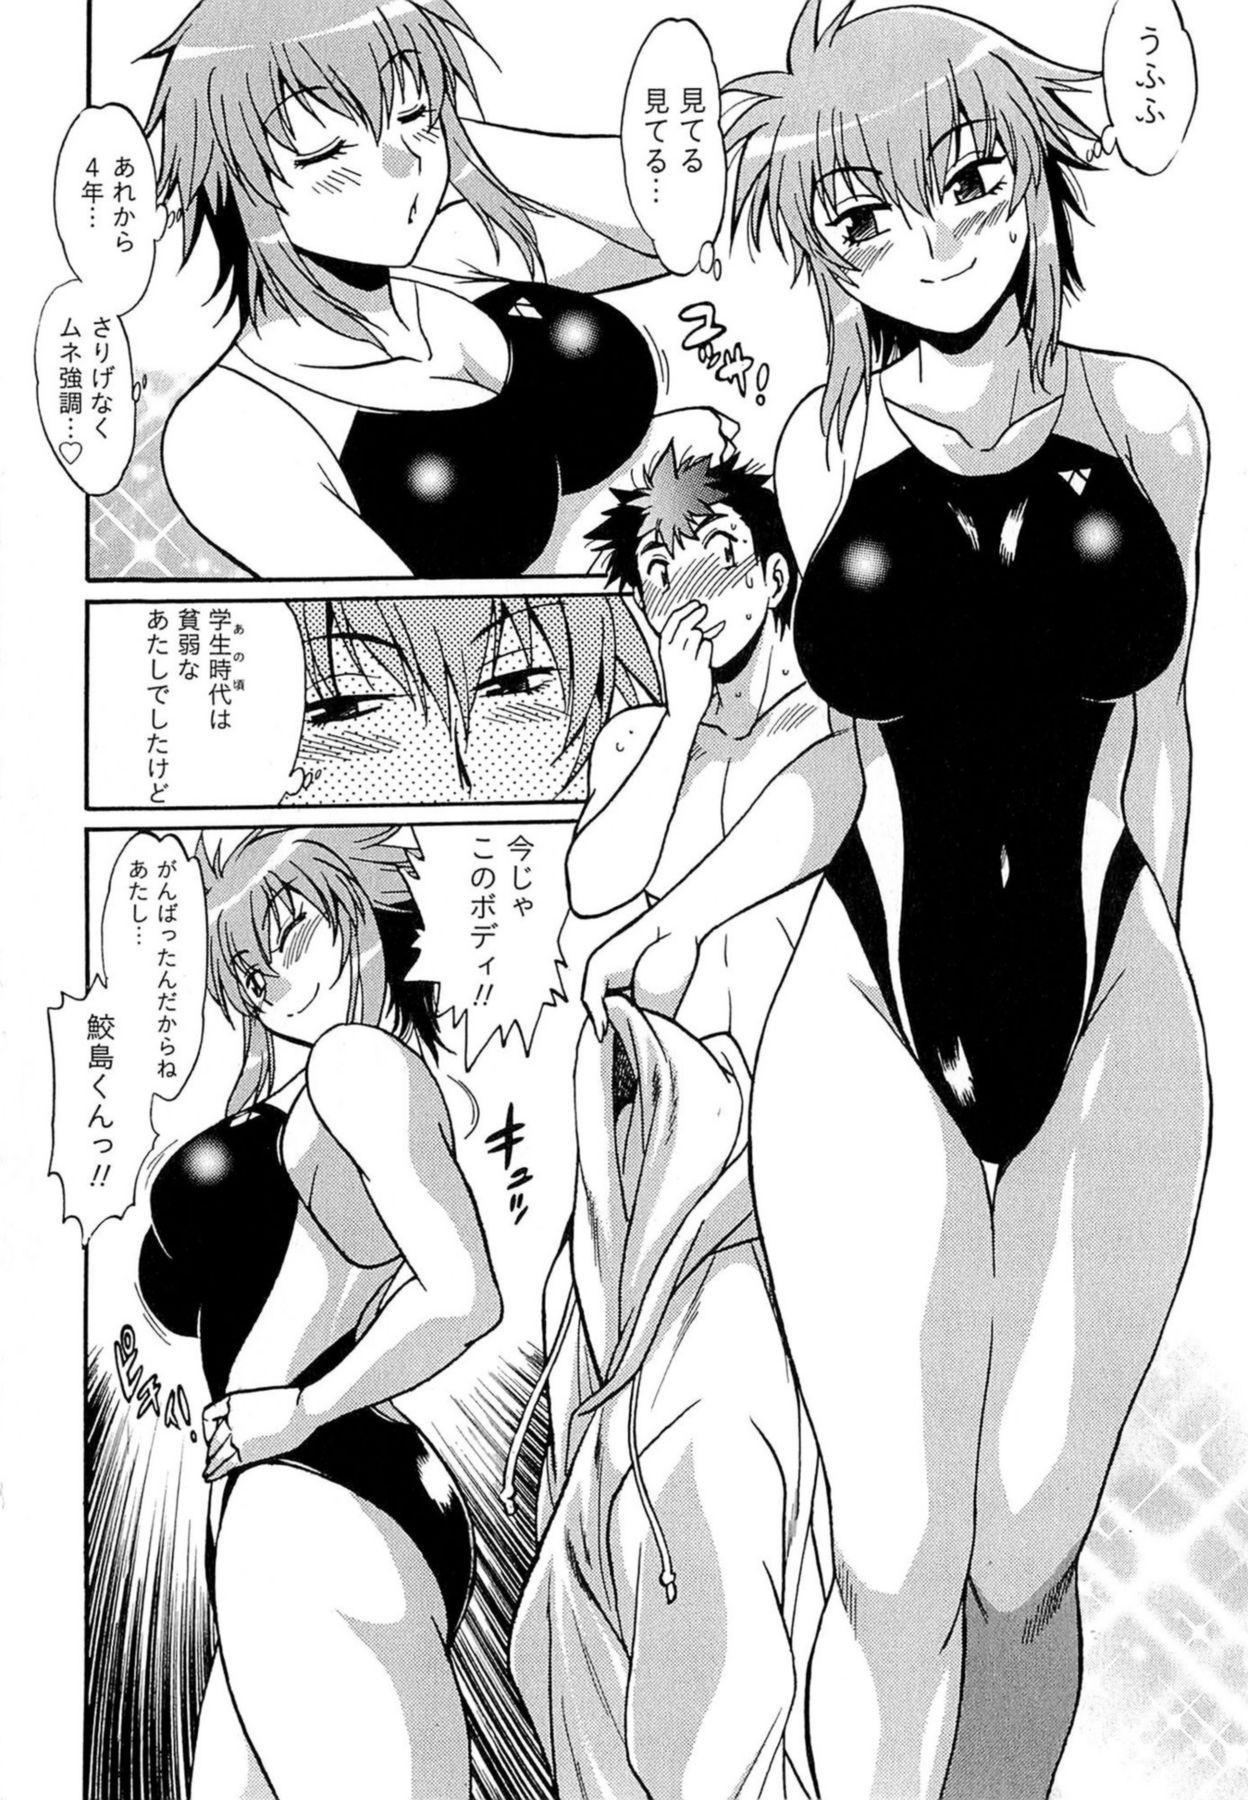 Kuikomi wo Naoshiteru Hima wa Nai! Vol. 1 20